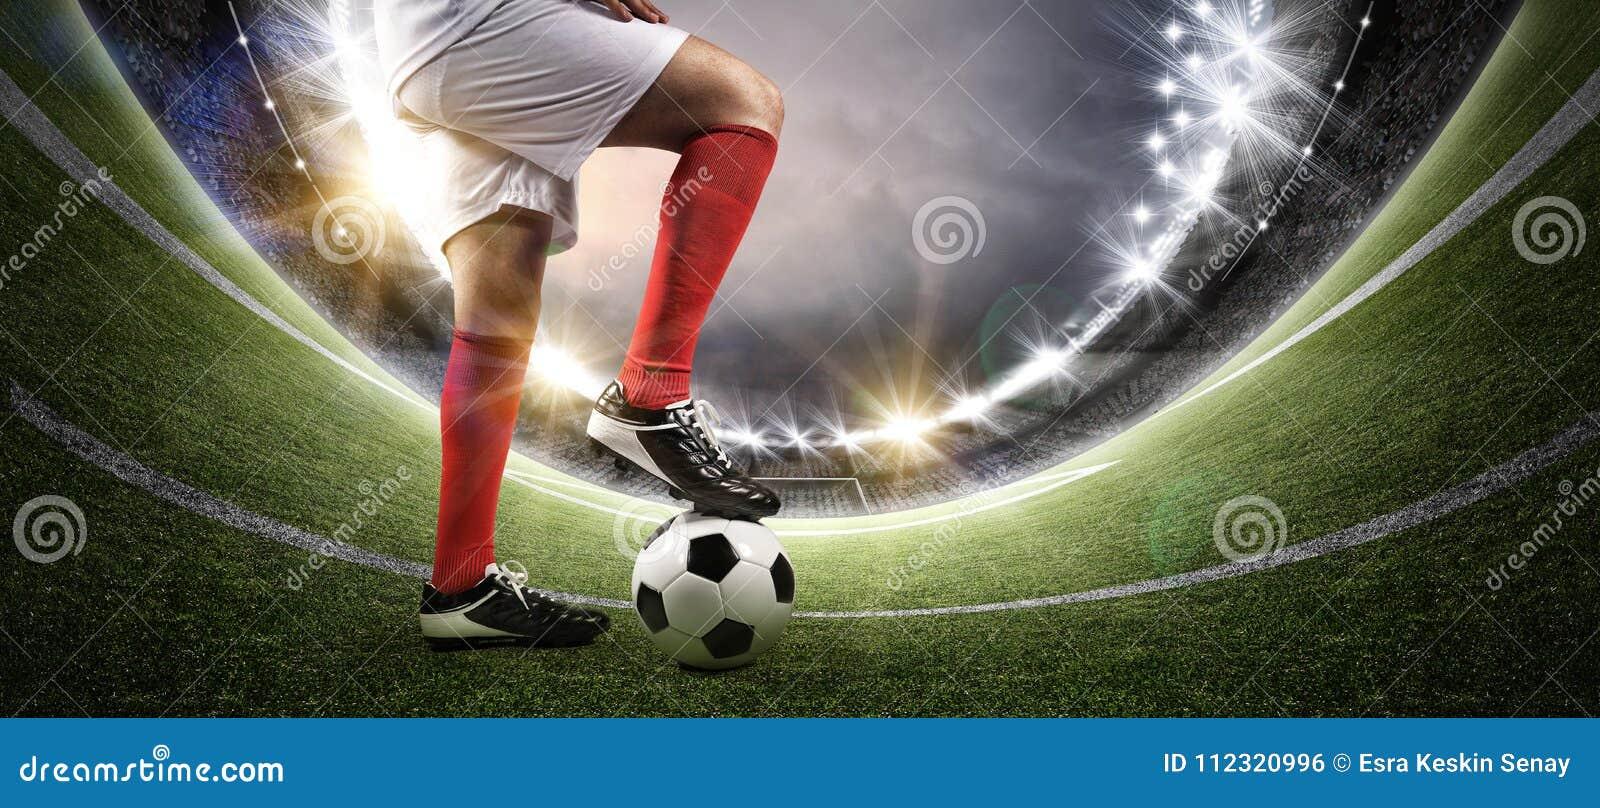 足球运动员在体育场内